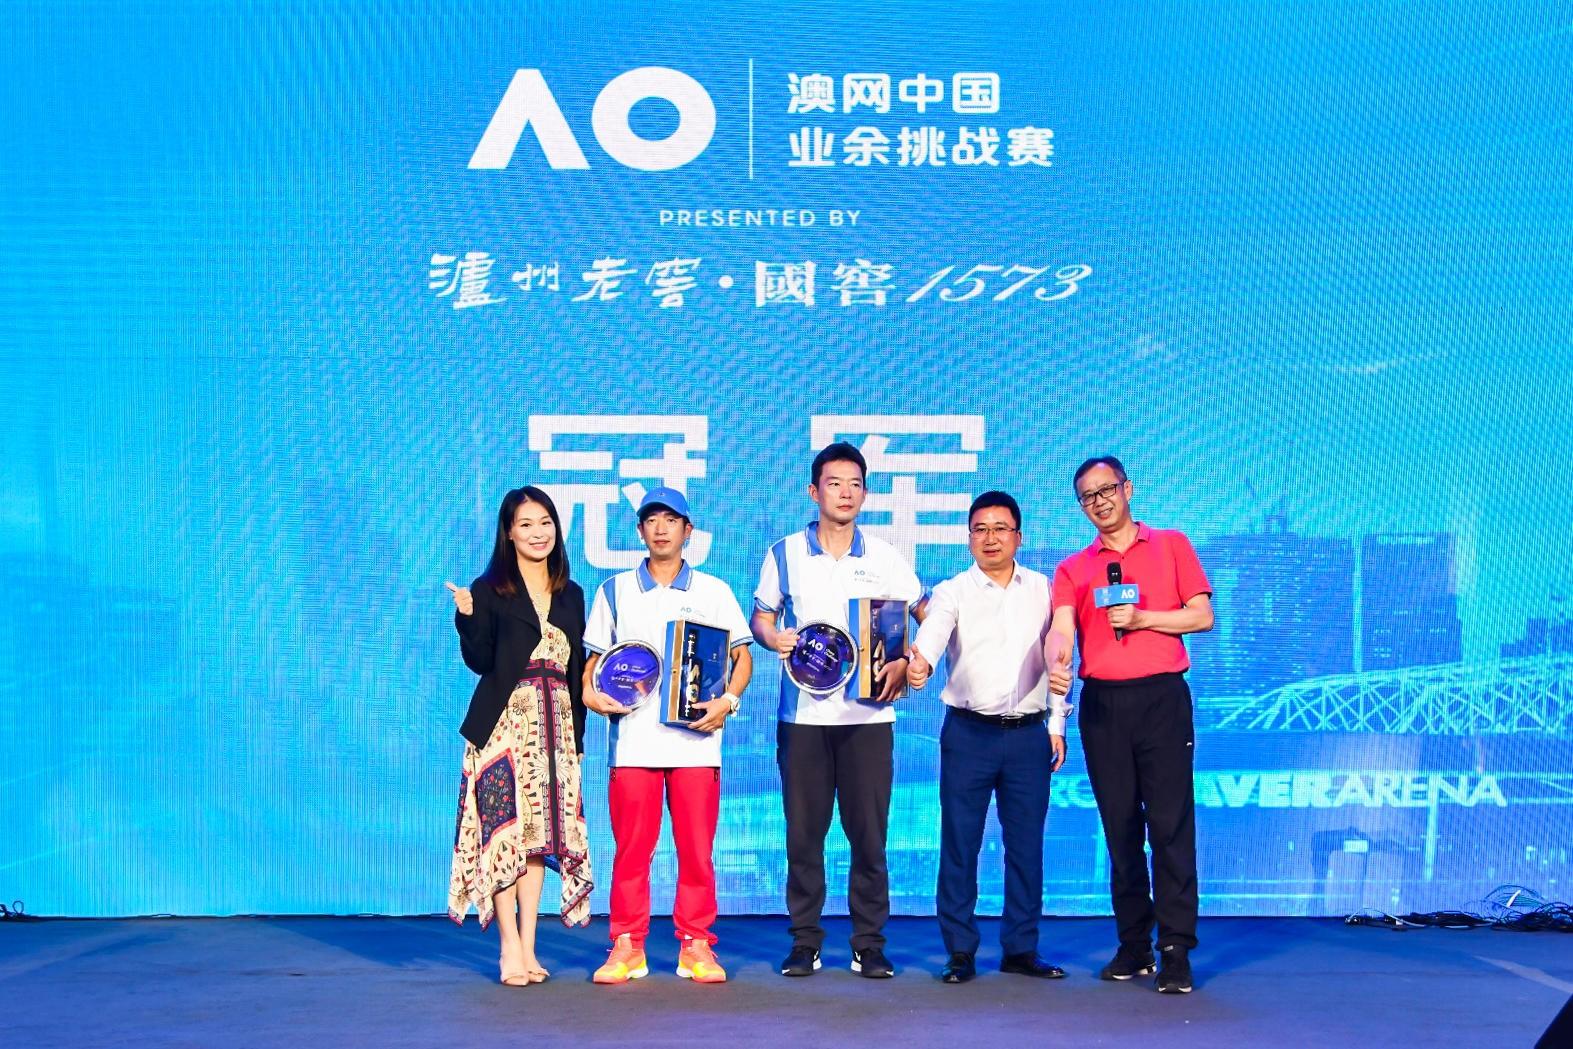 挥拍魔都, 2021 澳网中国业余挑战赛上海